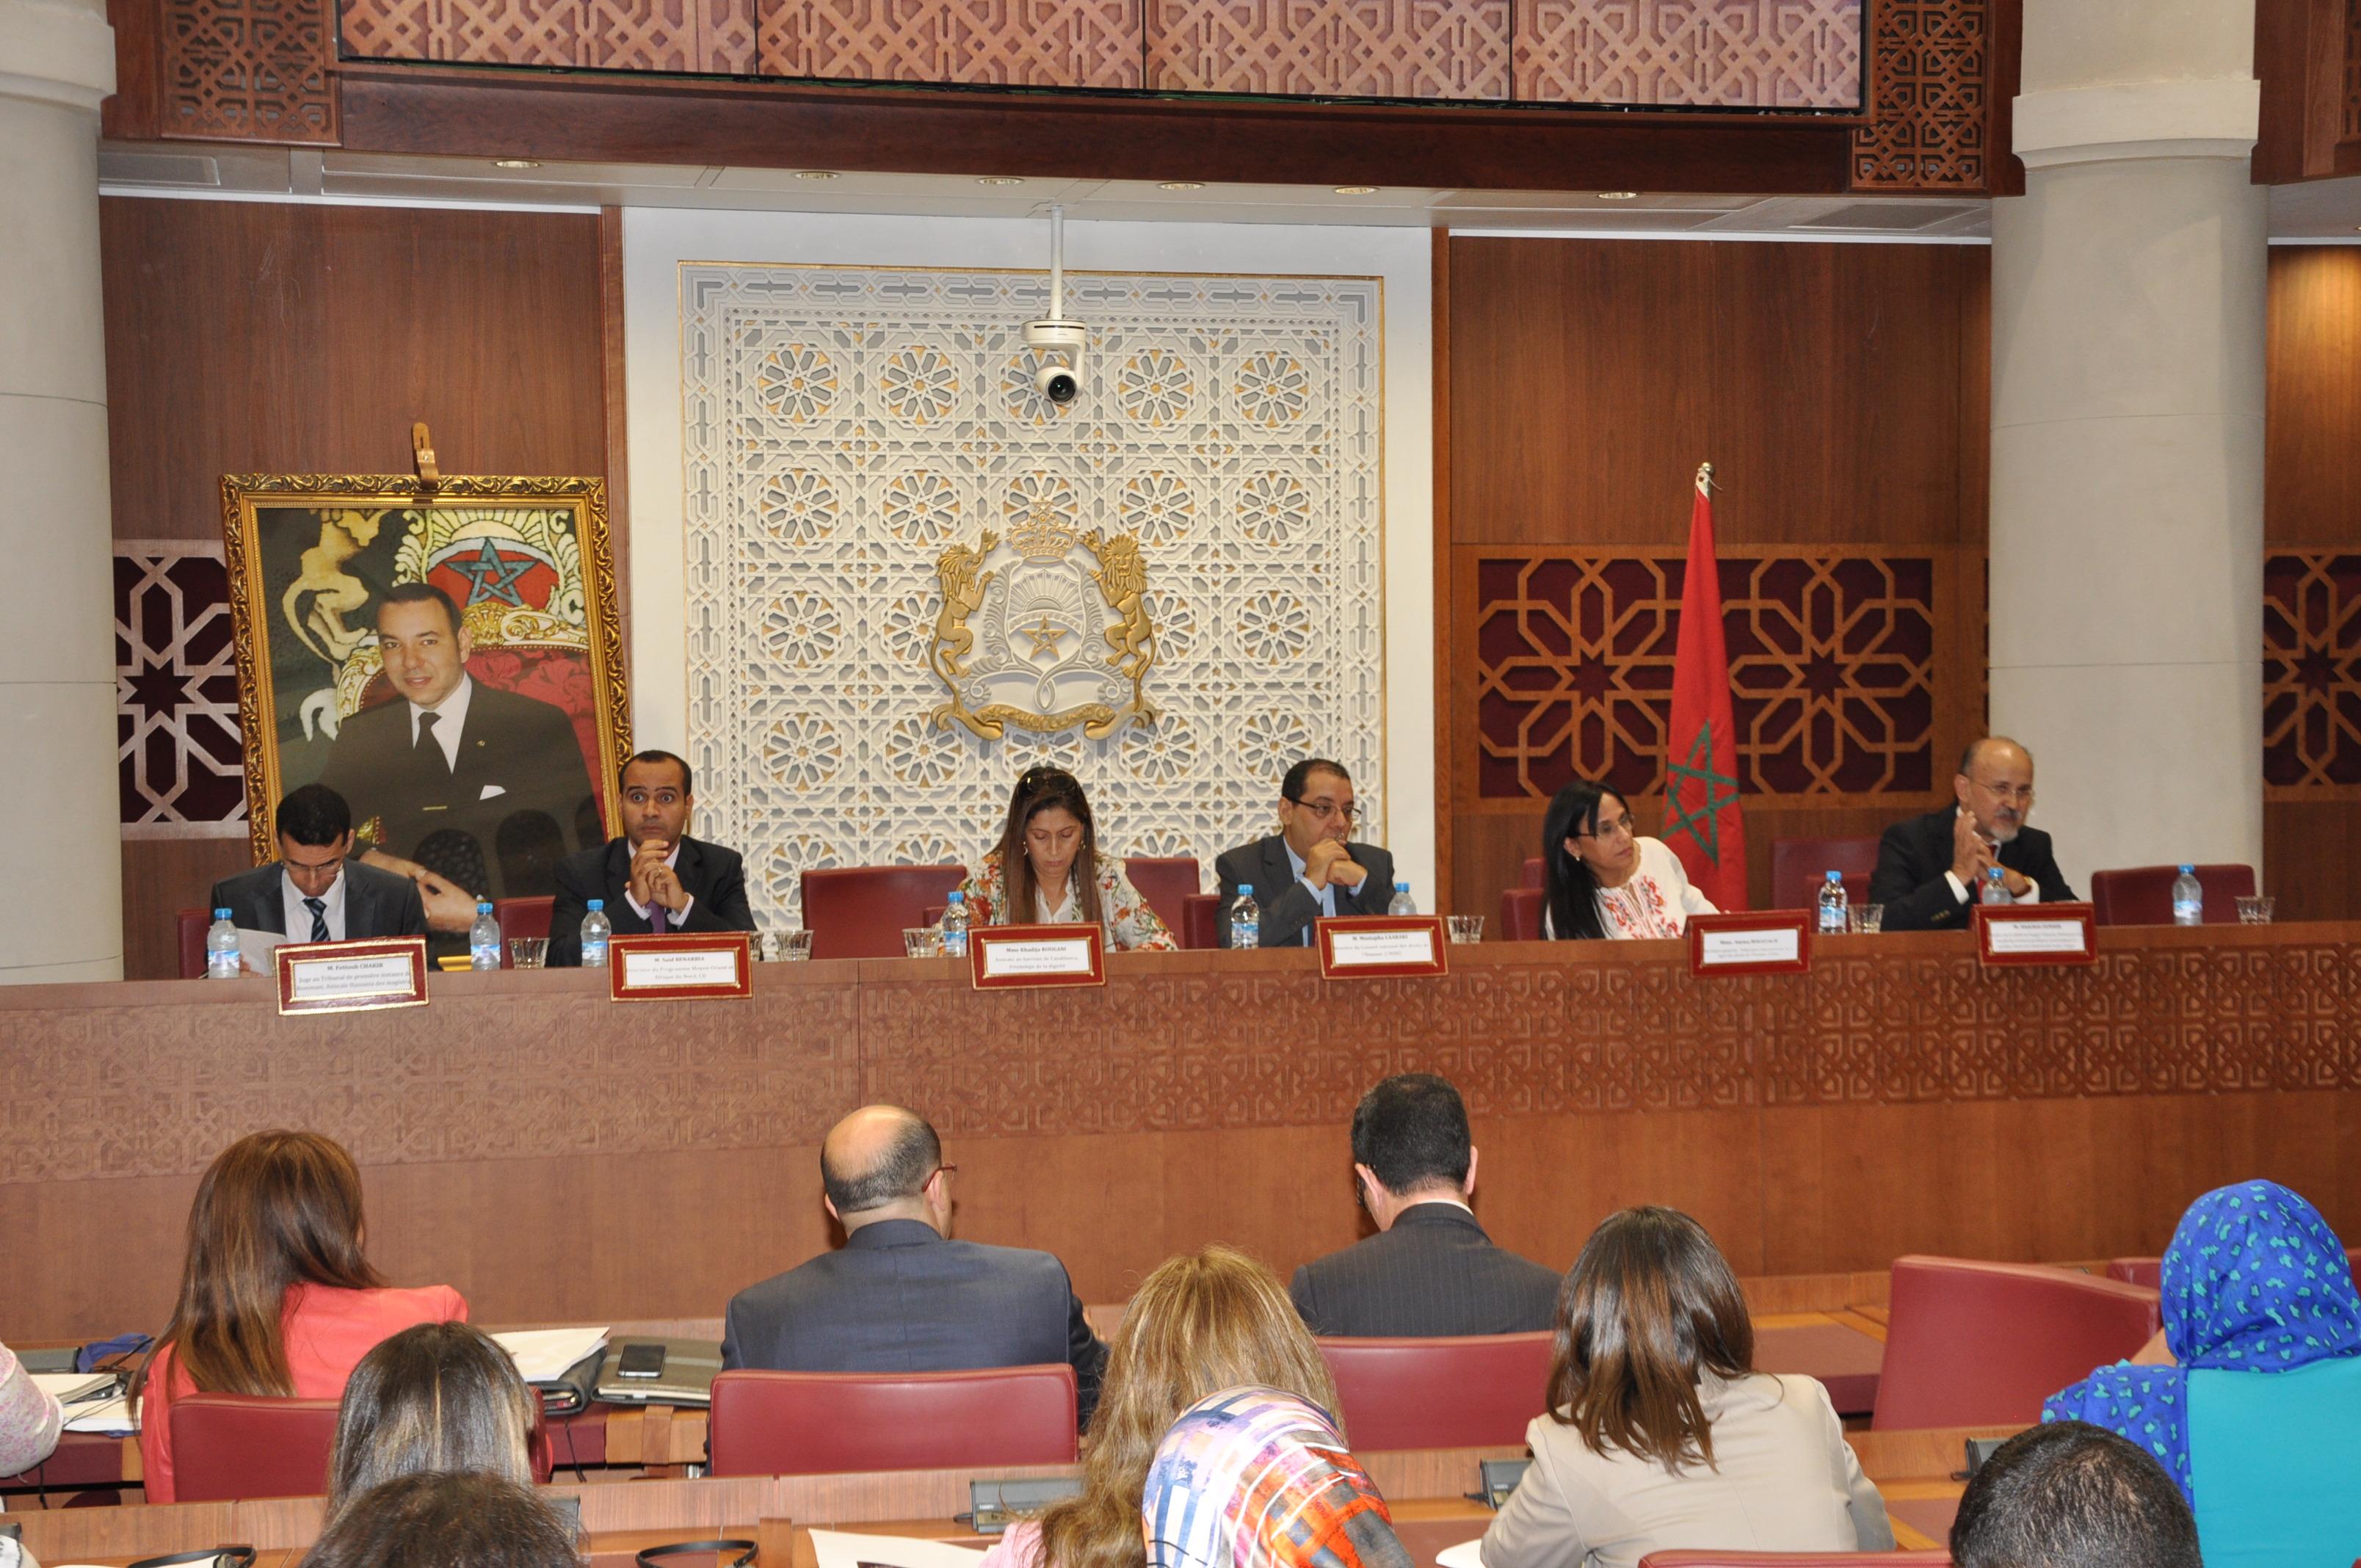 تقرير أولي حول أشغال الجلسة العامة الأولى لندوة المجلس الوطني لحقوق الإنسان حول القانون الجنائي والمسطرة الجنائية رهانات وإصلاح بمقر مجلس النواب